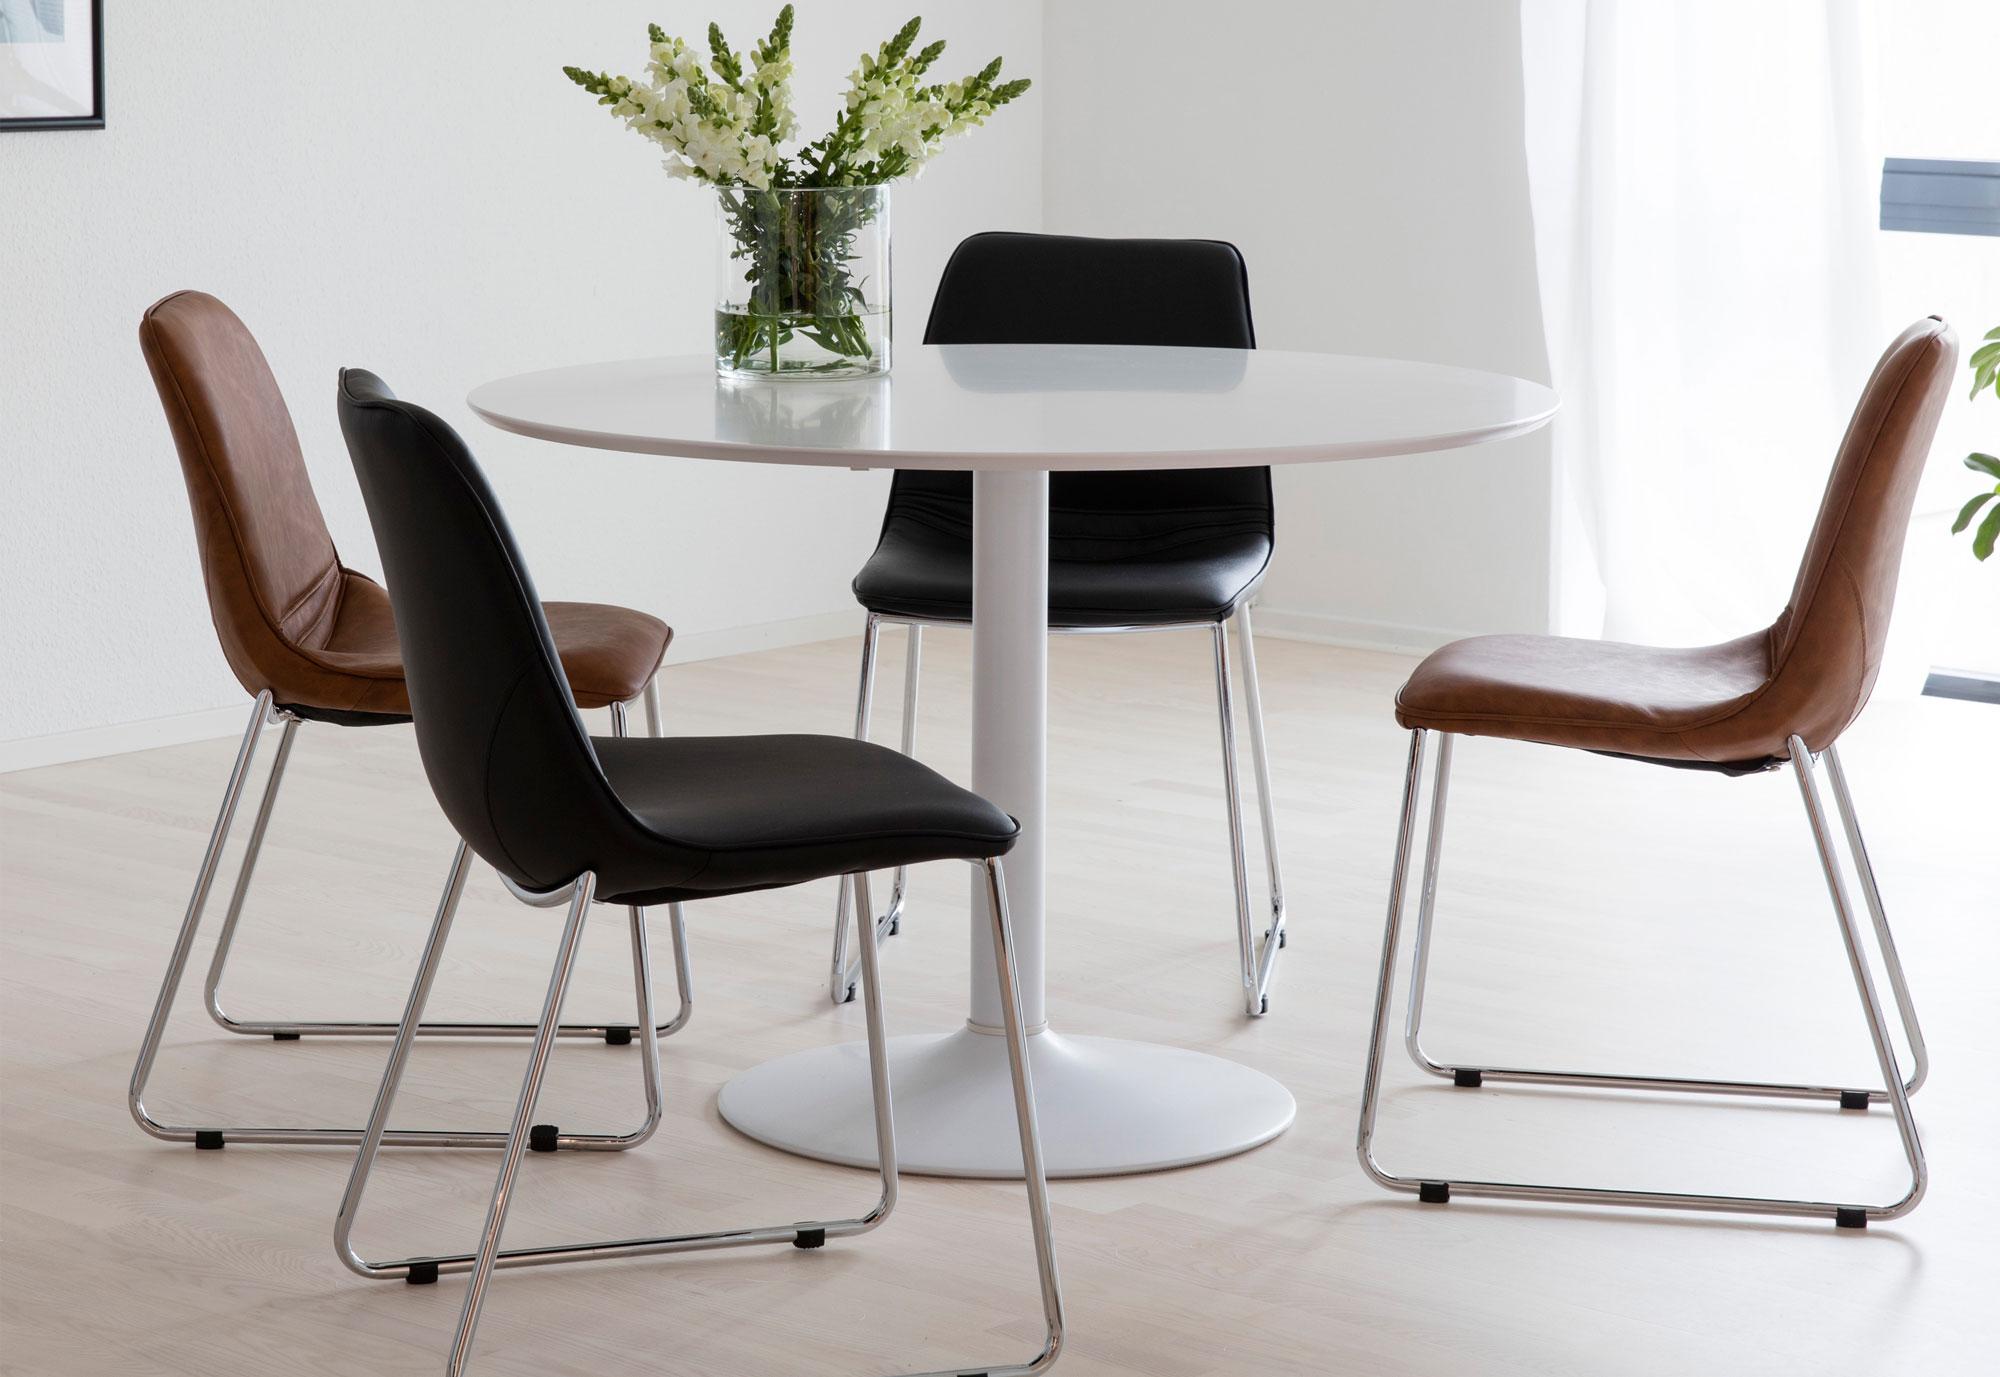 Gezellig tafelen aan een ronde eettafel